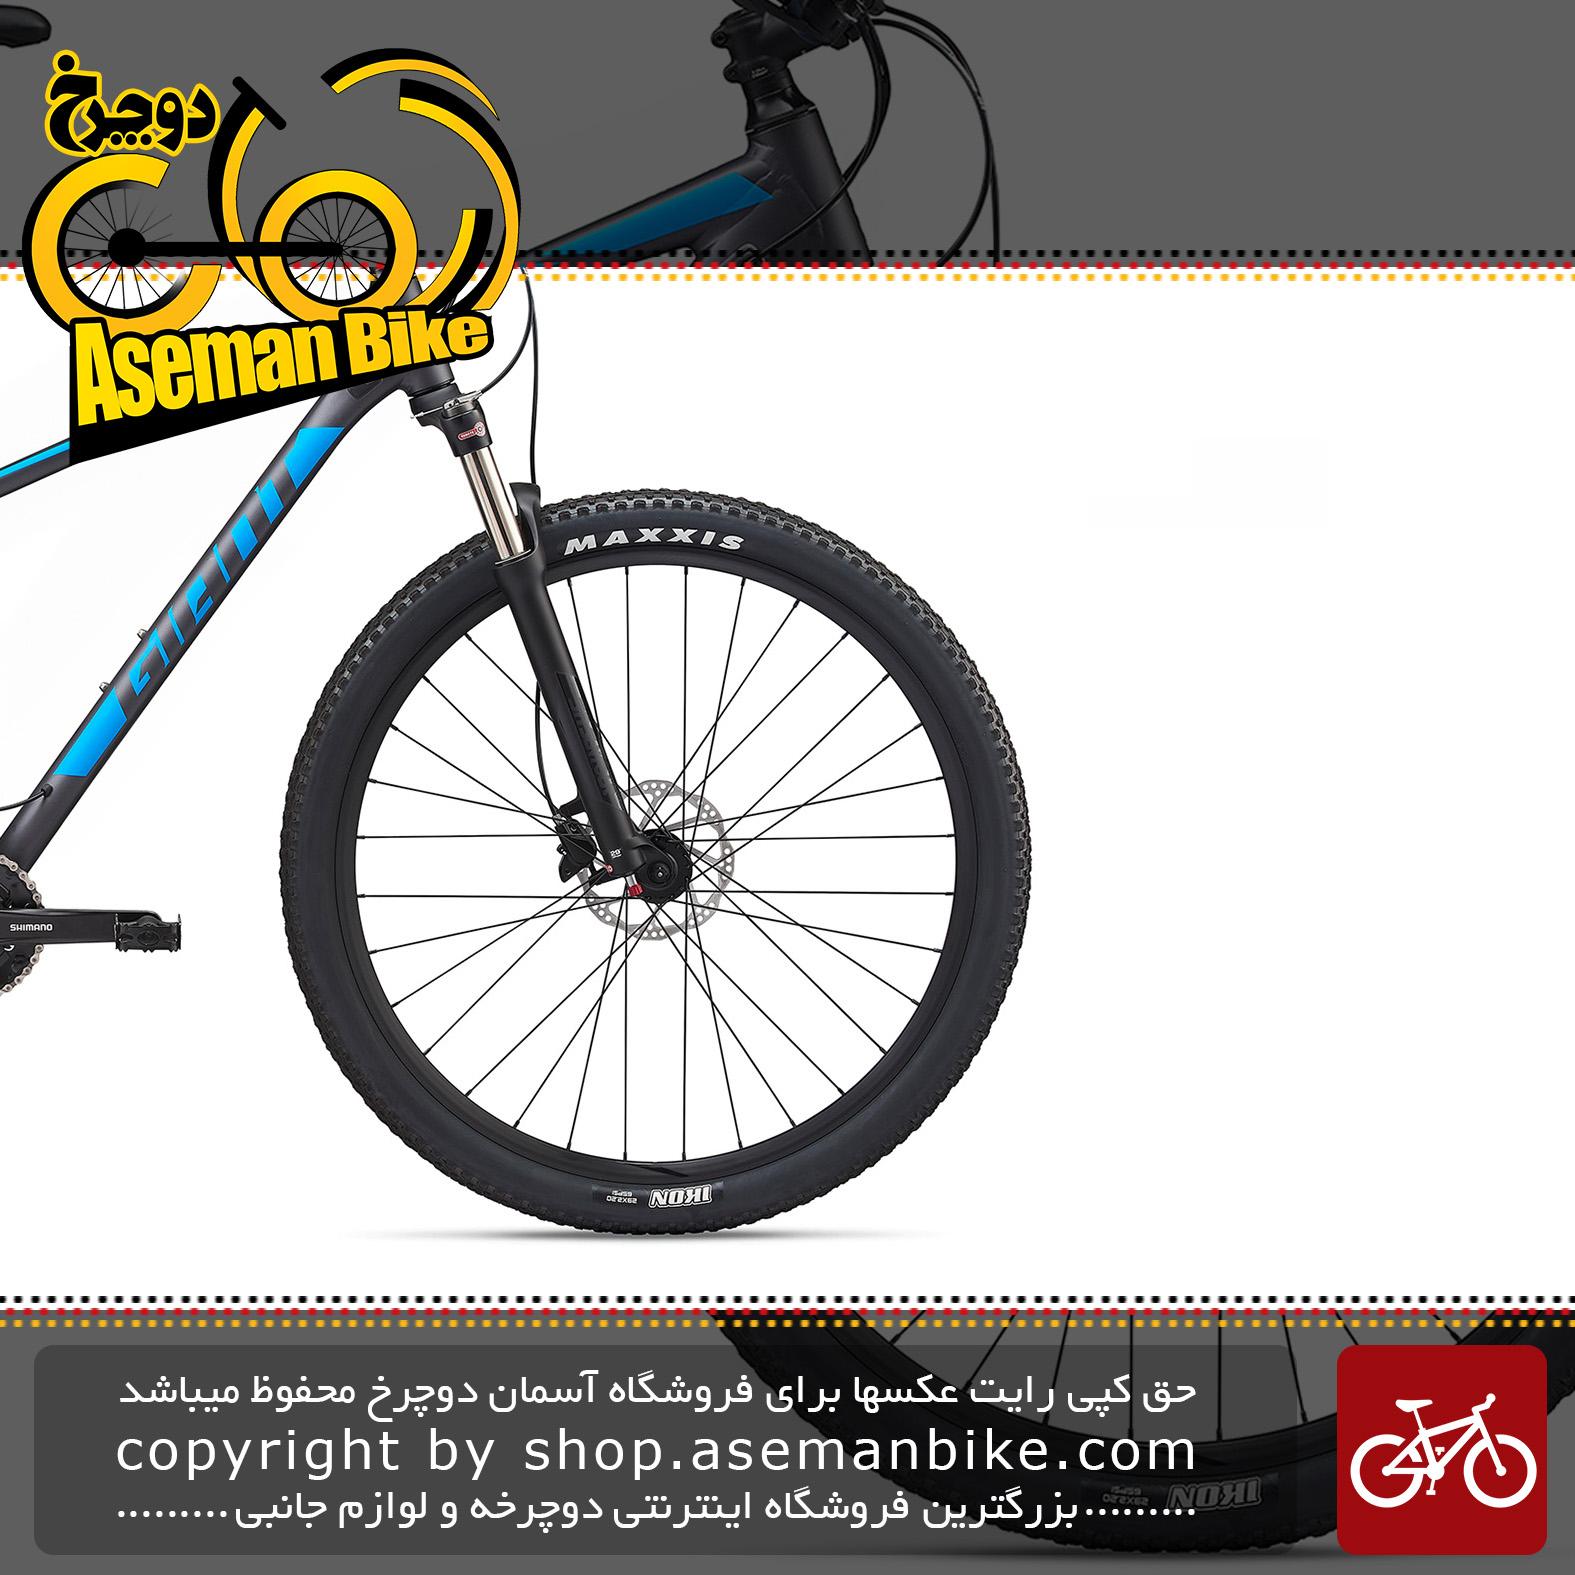 دوچرخه کوهستان جاینت مدل تالون 29 اینچ 2 (جی ای) 2020 Giant Mountain Bicycle Talon 29 2 (GE) 2020